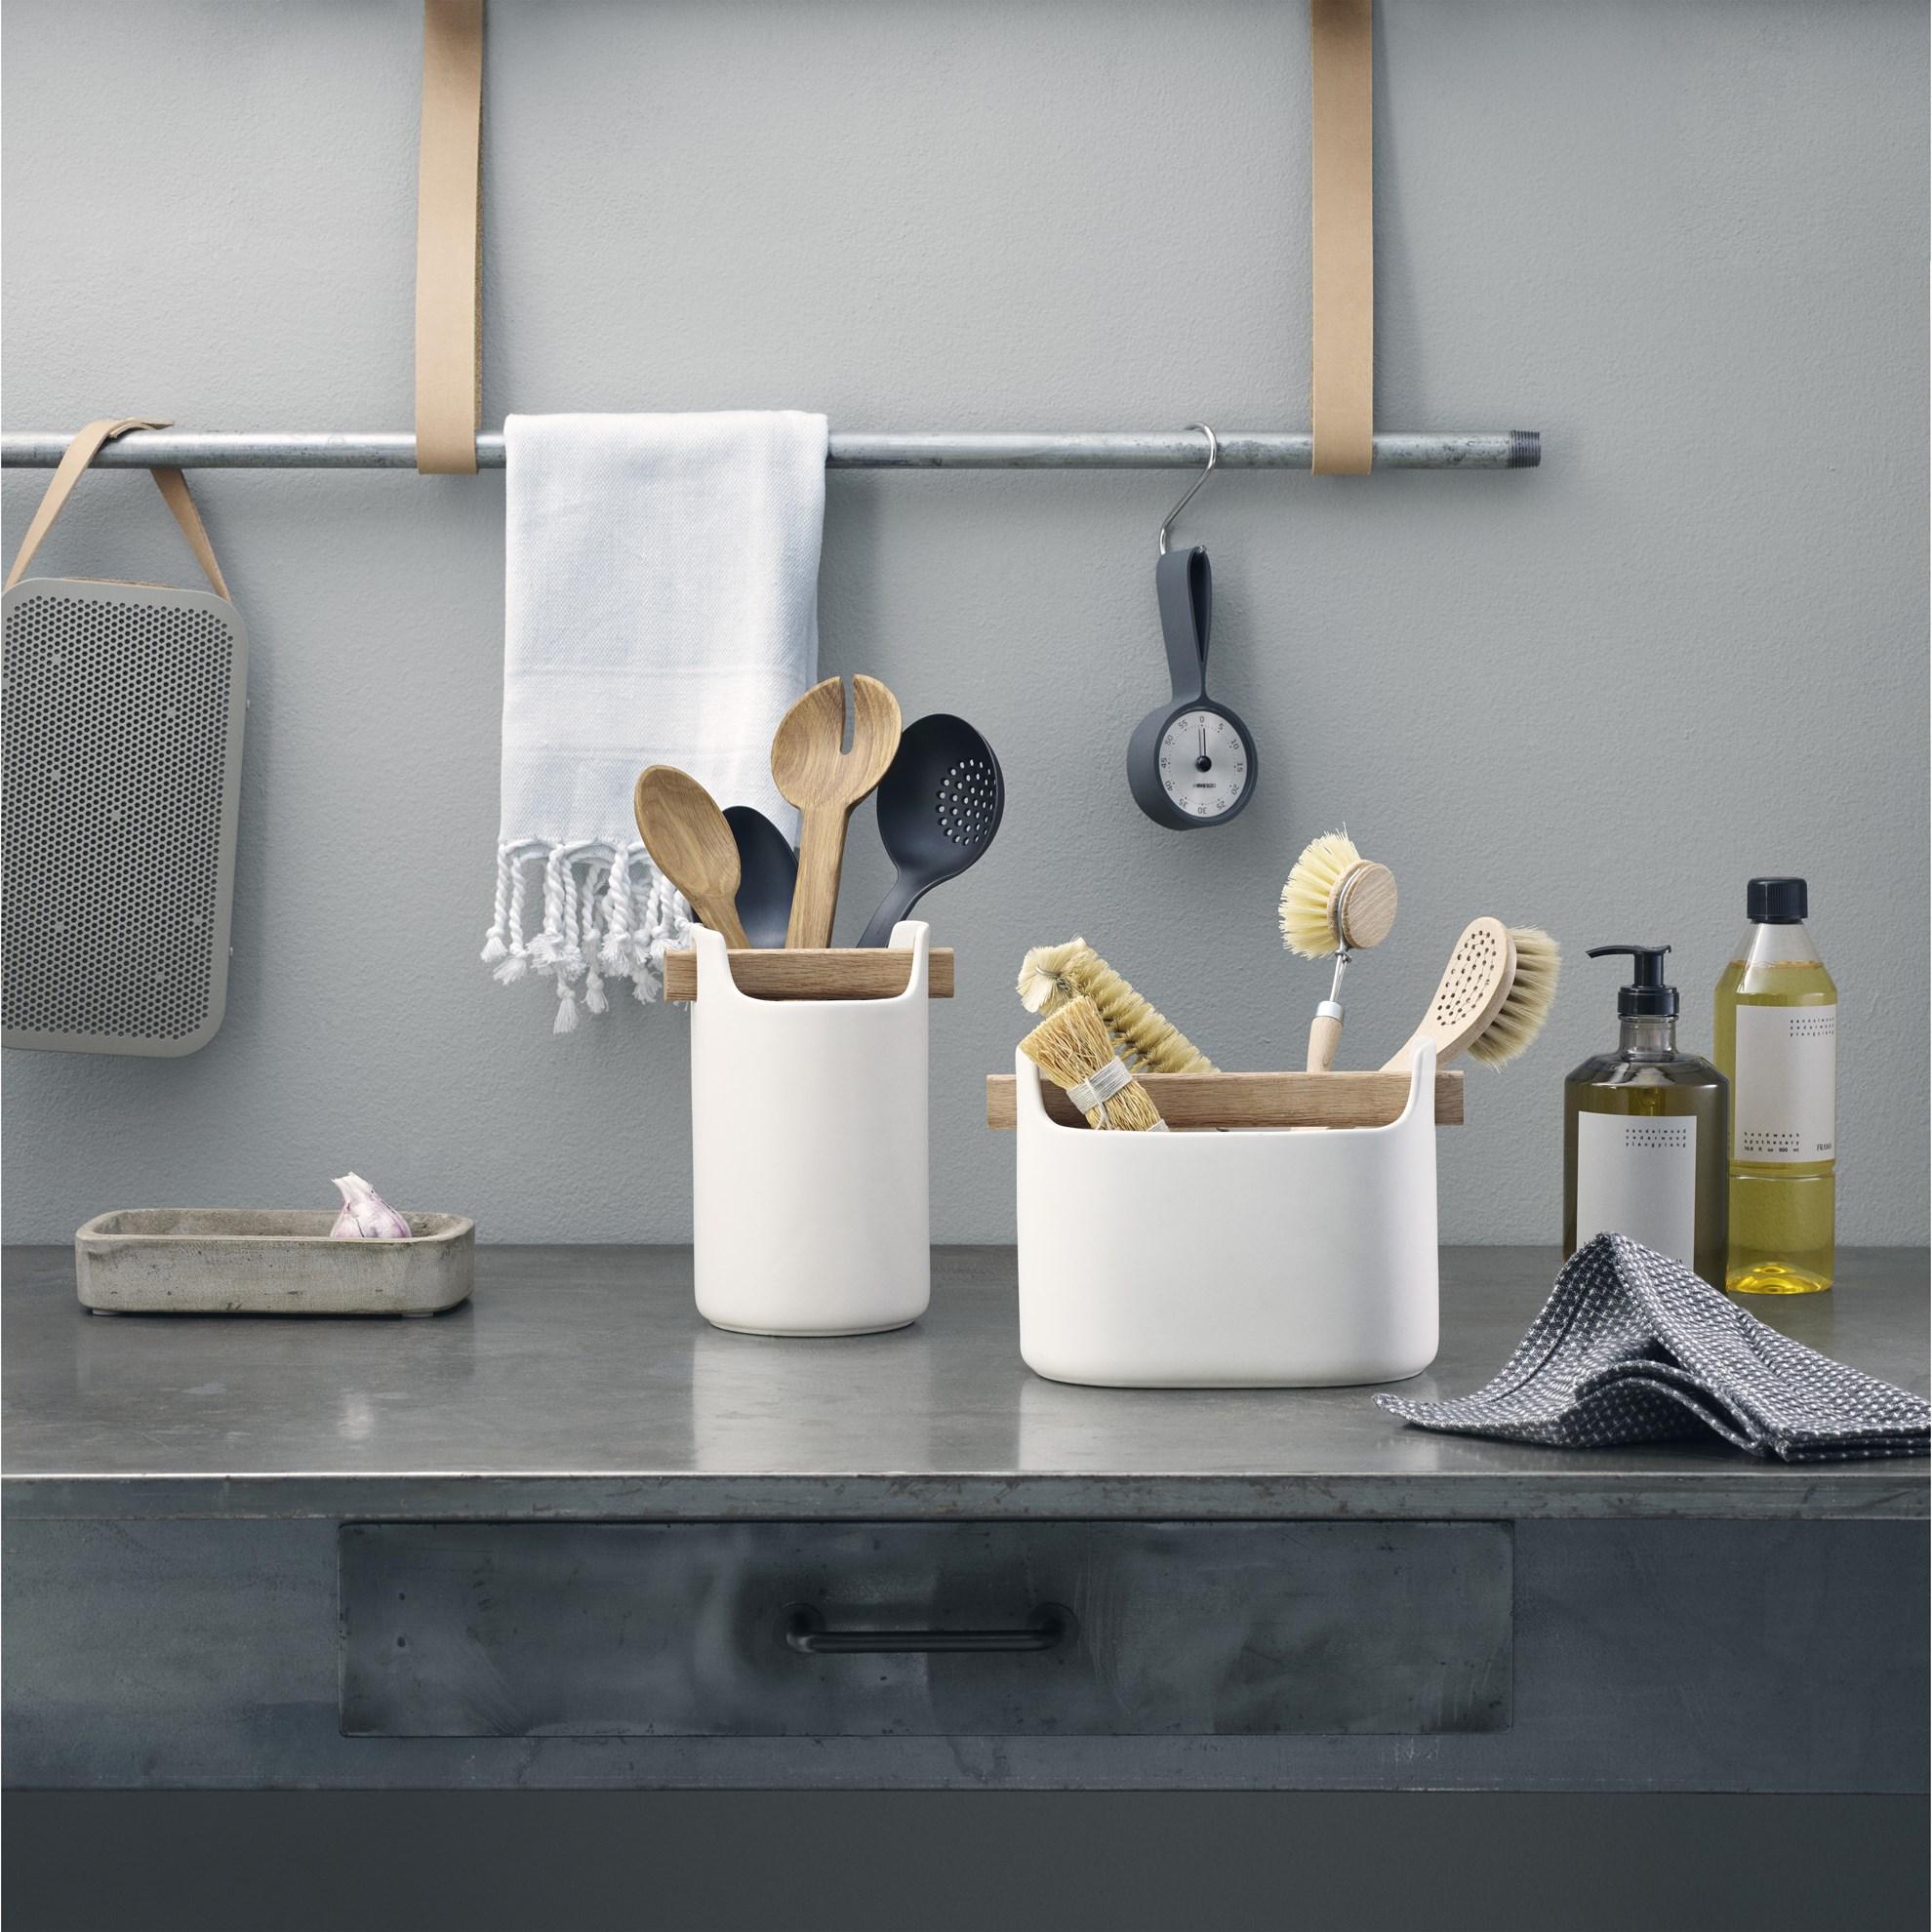 Stojan na kuchyňské náčiní 15 cm_3